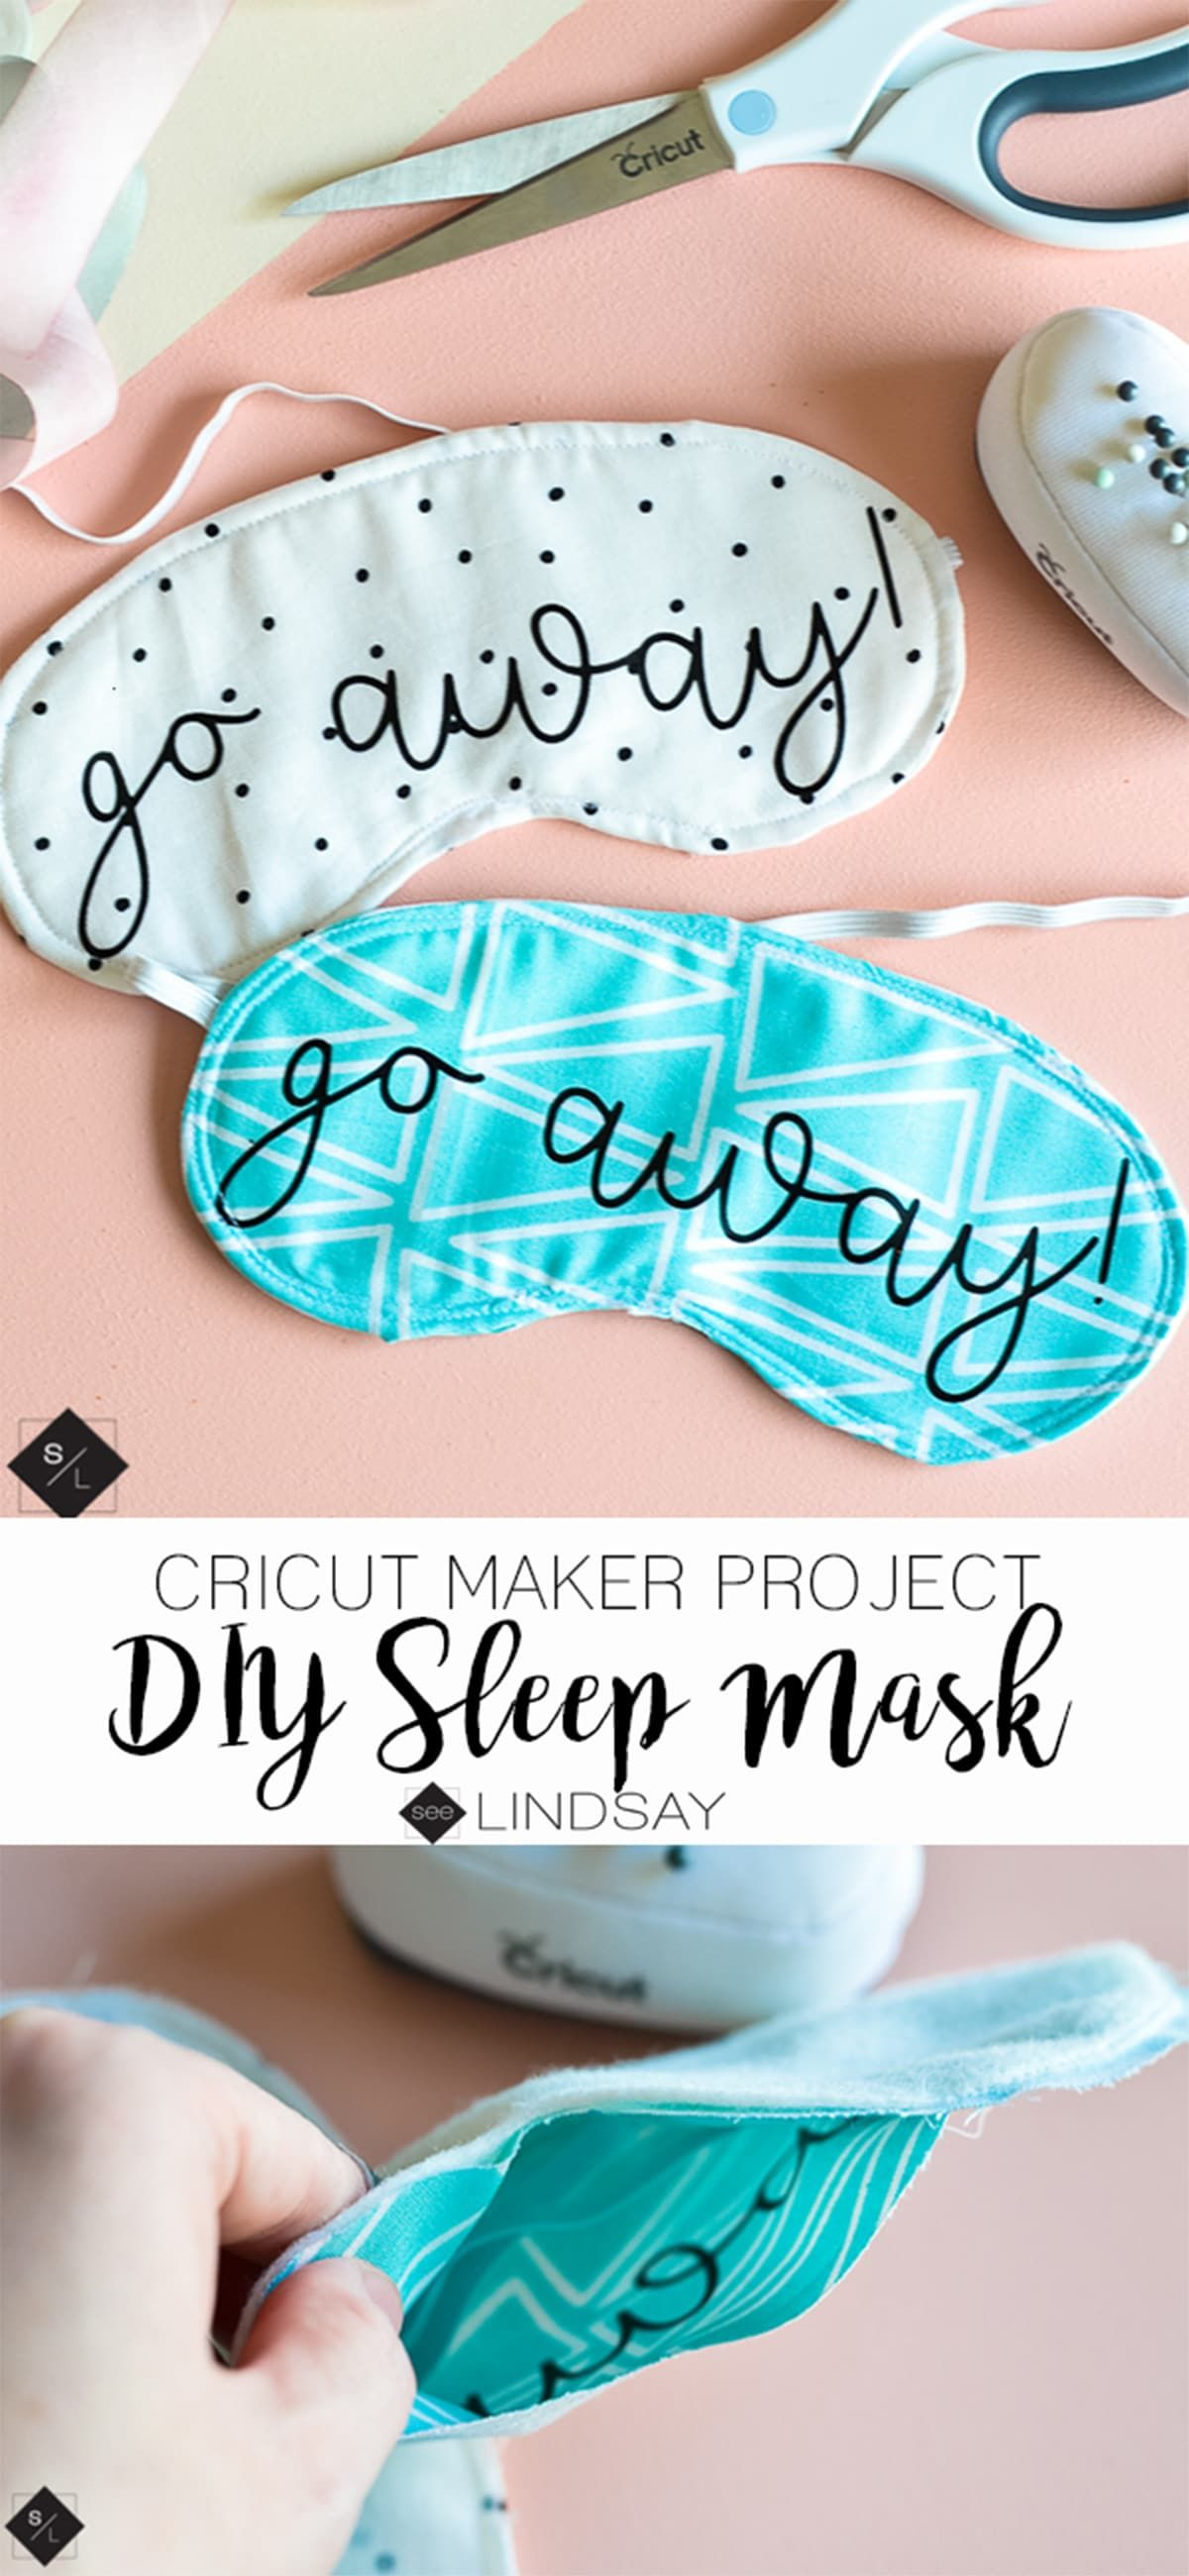 DIY Sleep Mask using your Cricut Maker in 2020 Diy sleep